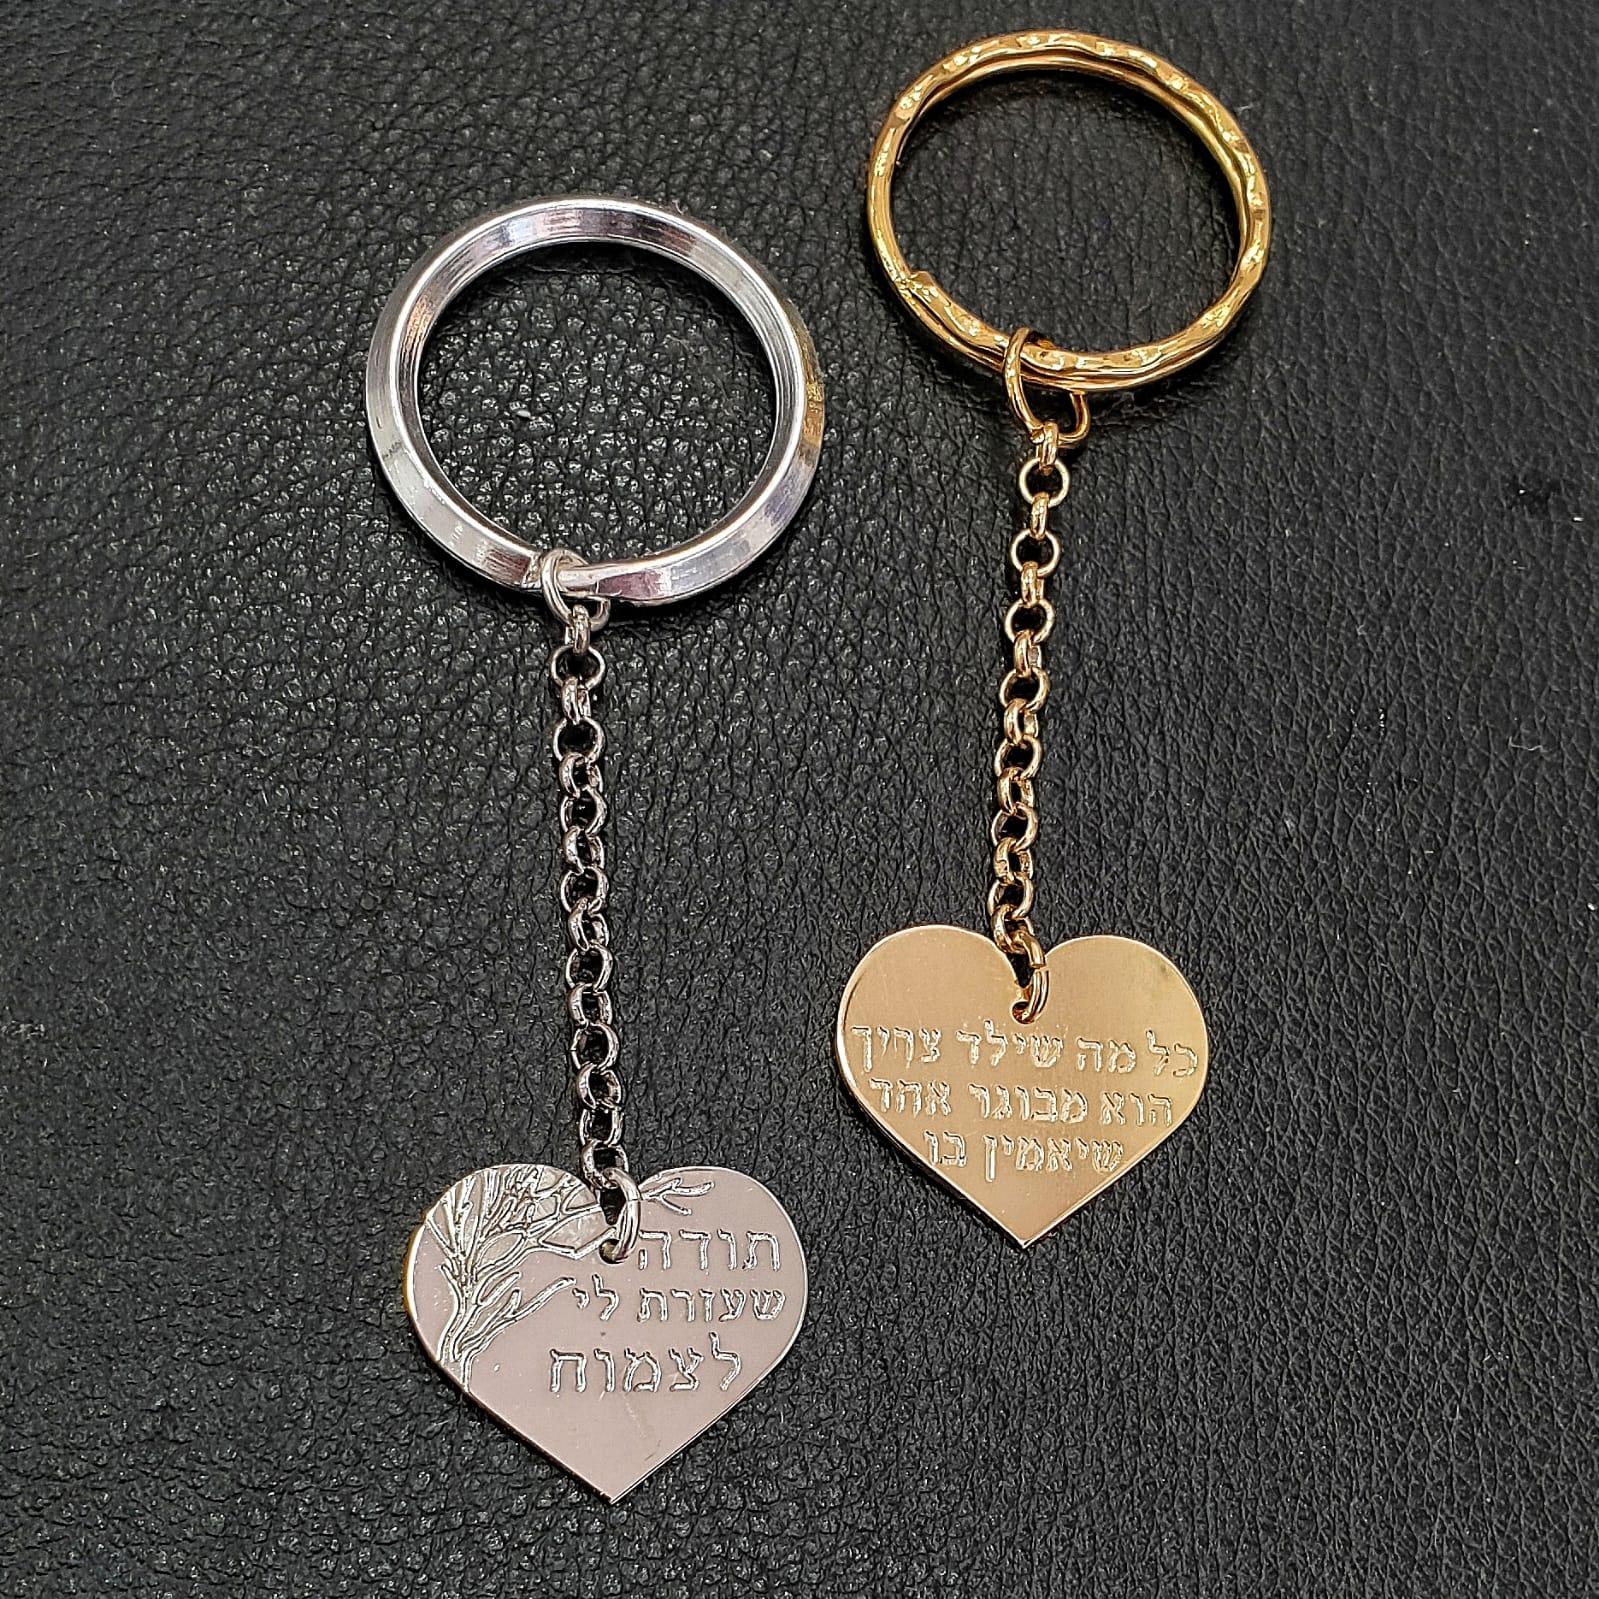 מחזיק מפתחות לב כסף/זהב - מתנה לגננת/מורה